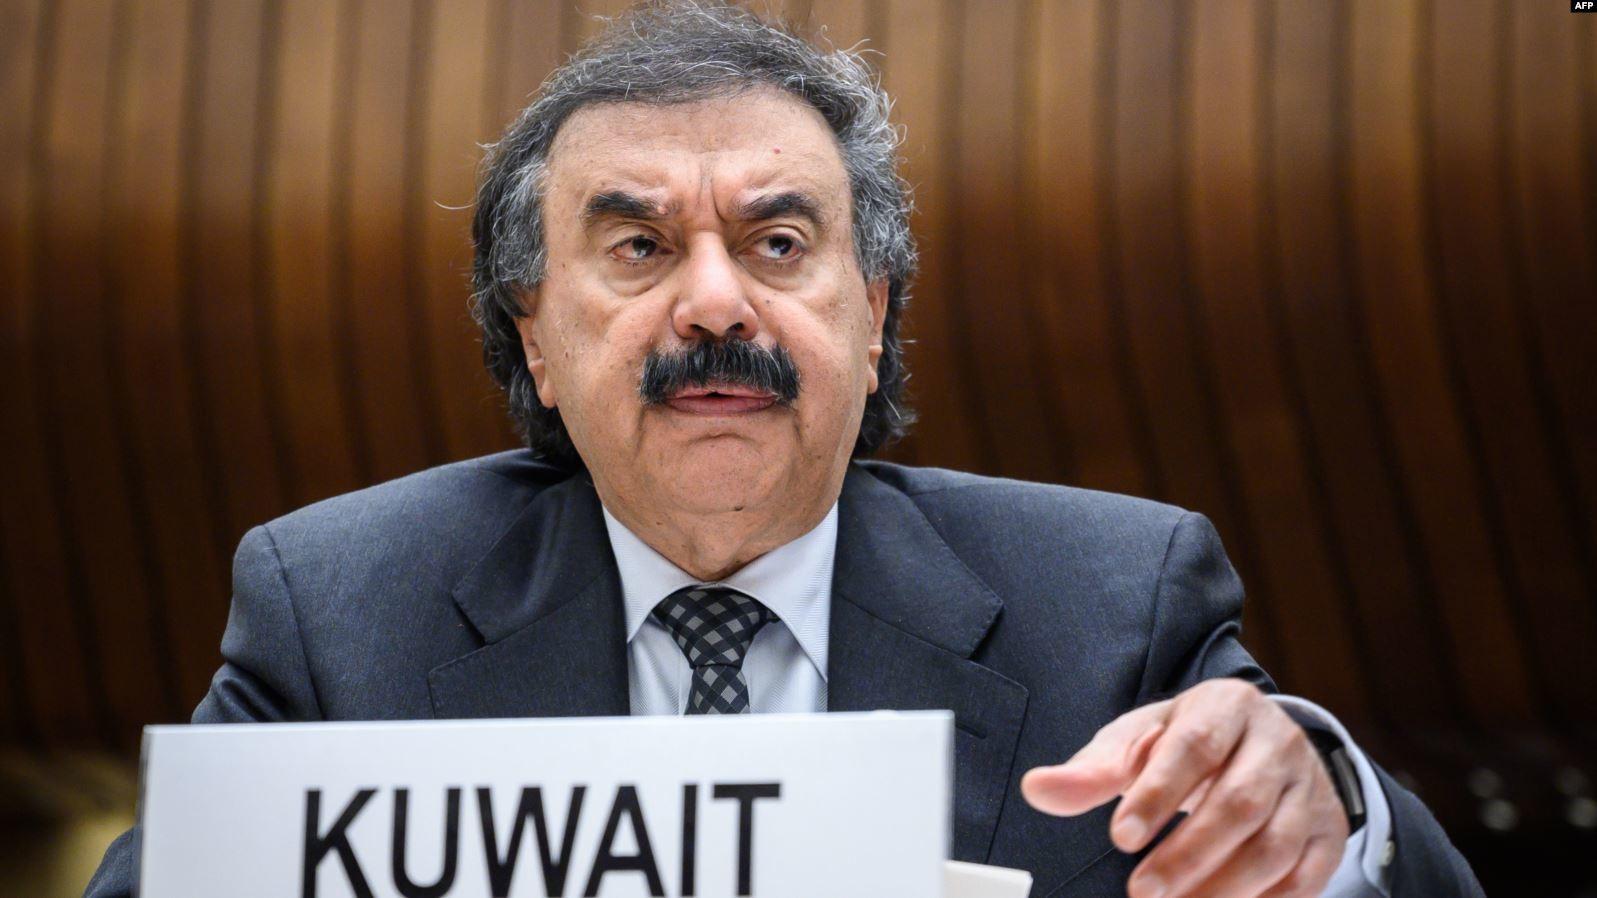 الخارجية الكويتية: نرحب بأي جهود تبذل في إطار تخفيف التصعيد بخصوص إيران